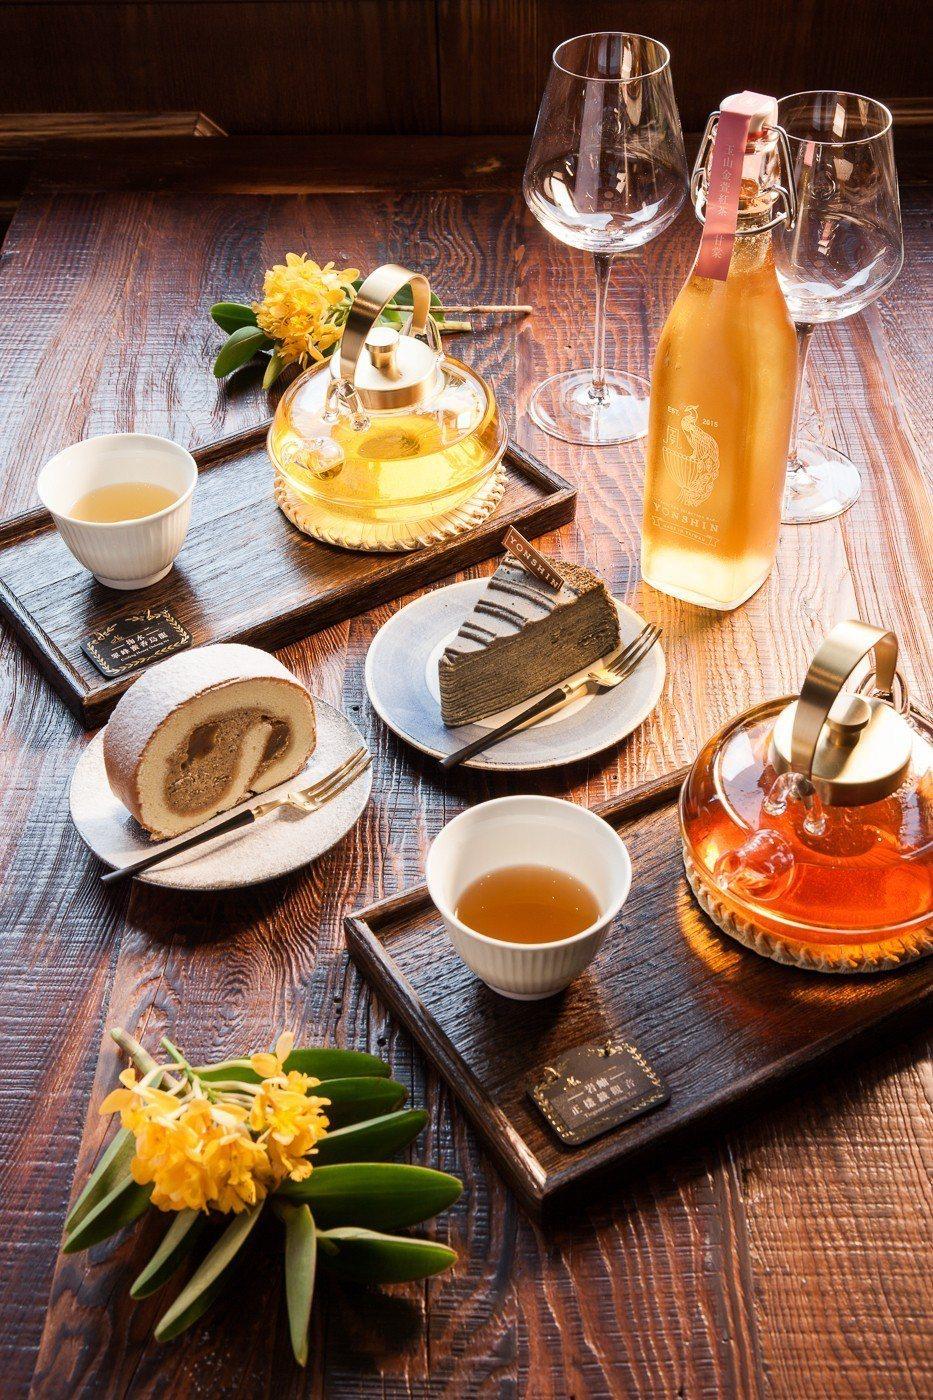 永心鳳茶新光三越南西店限定甜點與茶品。圖/新光三越提供